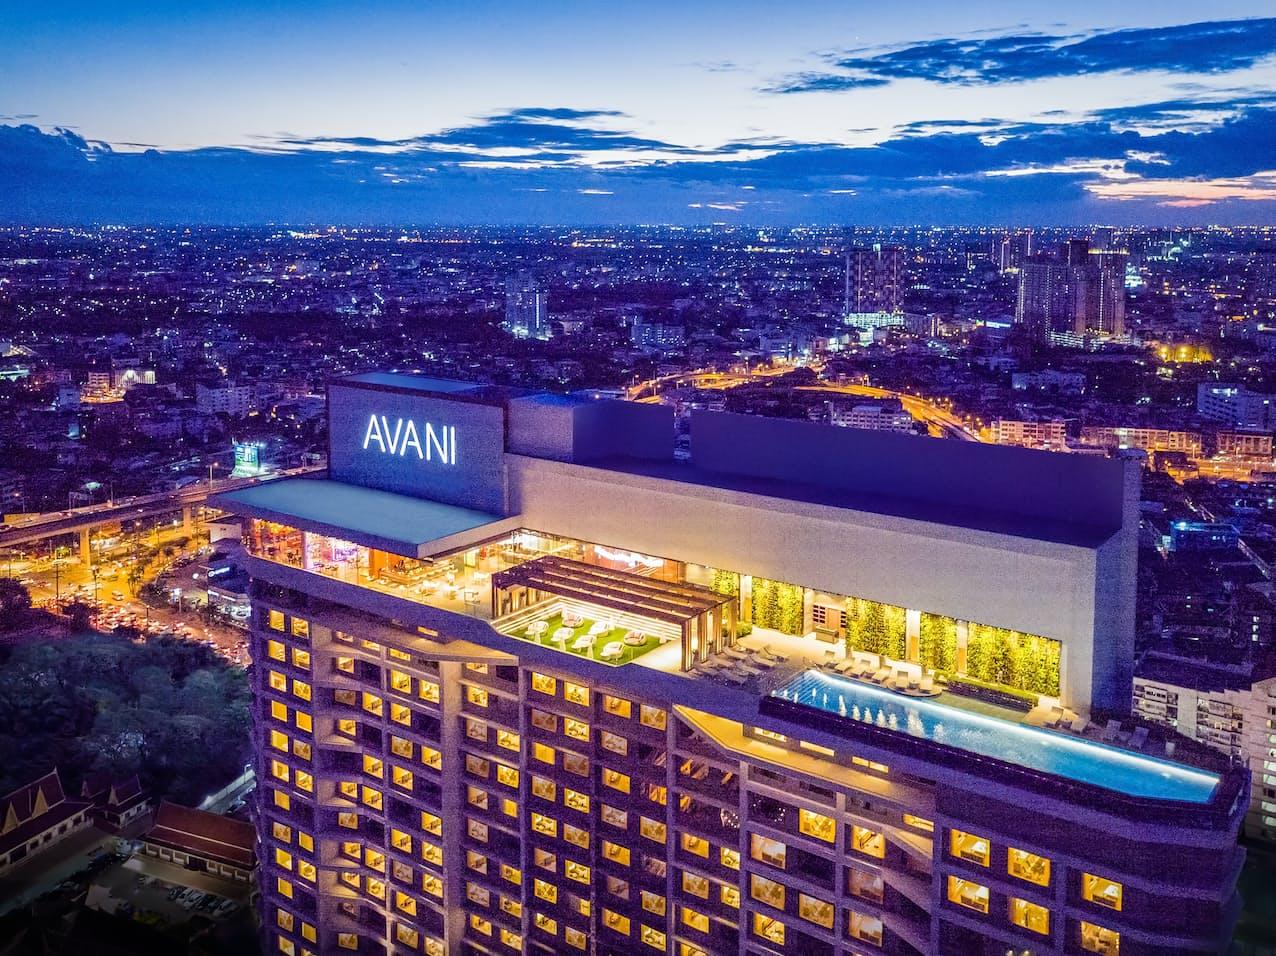 タイのホテル大手、マイナー・インターナショナルが運営するホテル